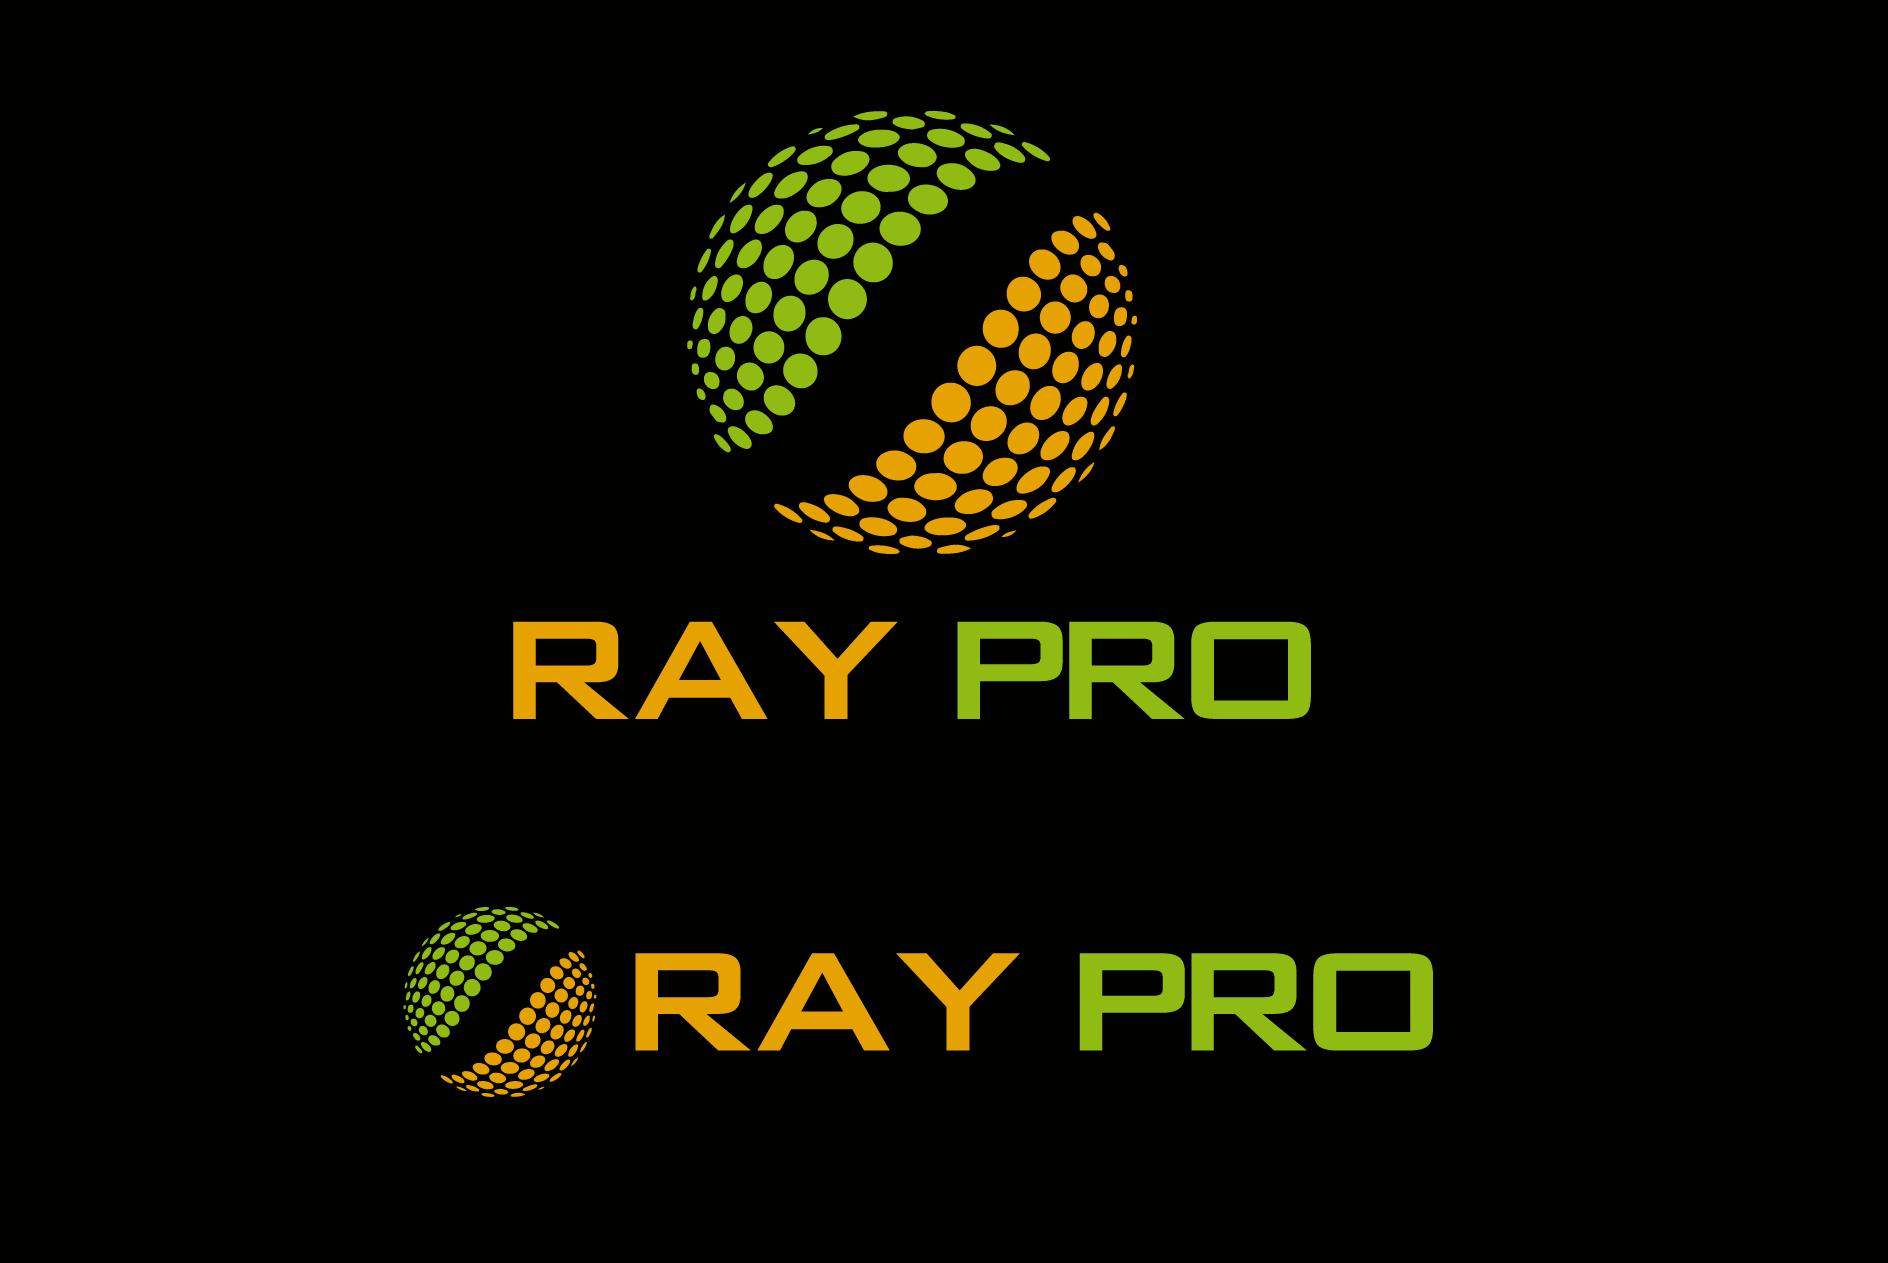 Разработка логотипа (продукт - светодиодная лента) фото f_1445bbe290eeef3b.png